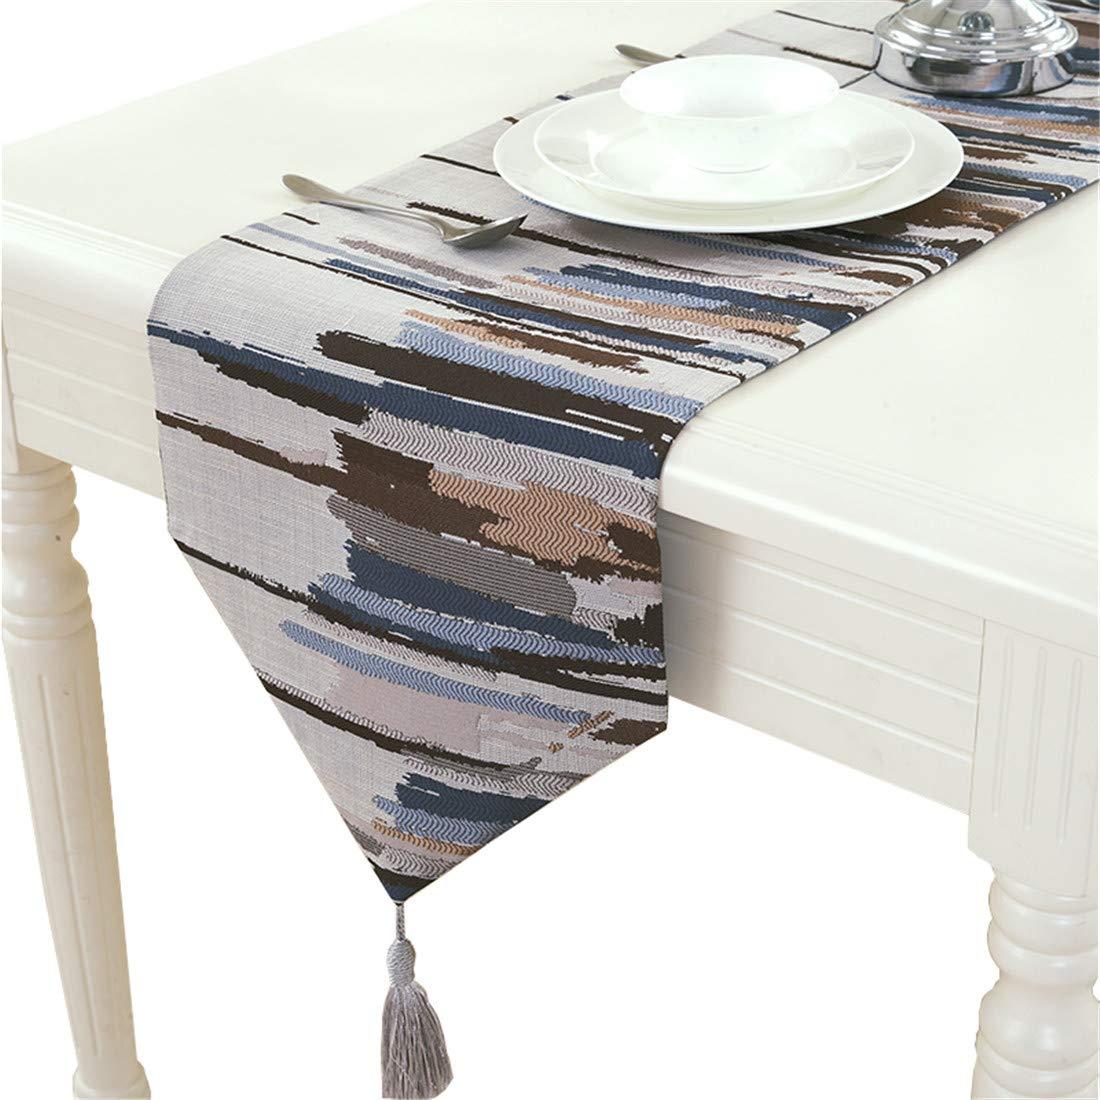 Breve estilo jacquard arpillera gris/azul/rojo camino de mesa, azul, 30cm * 160cm (12 * 63 approx) Homes hold table runner